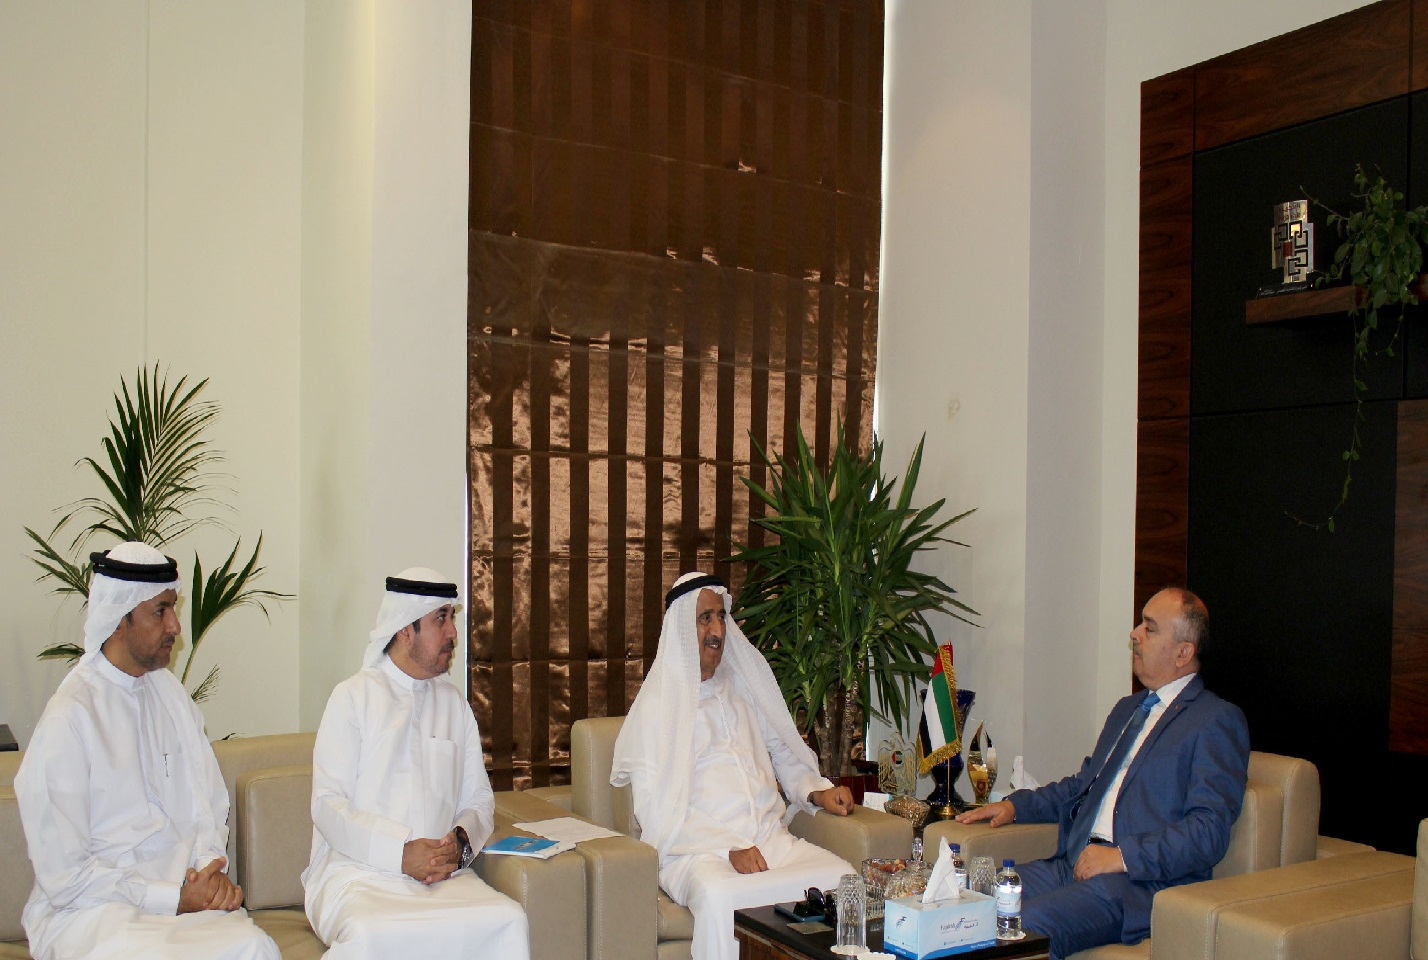 غرفة الفجيرة تبحث سبل تعزيز العلاقات الاقتصادية مع تونس